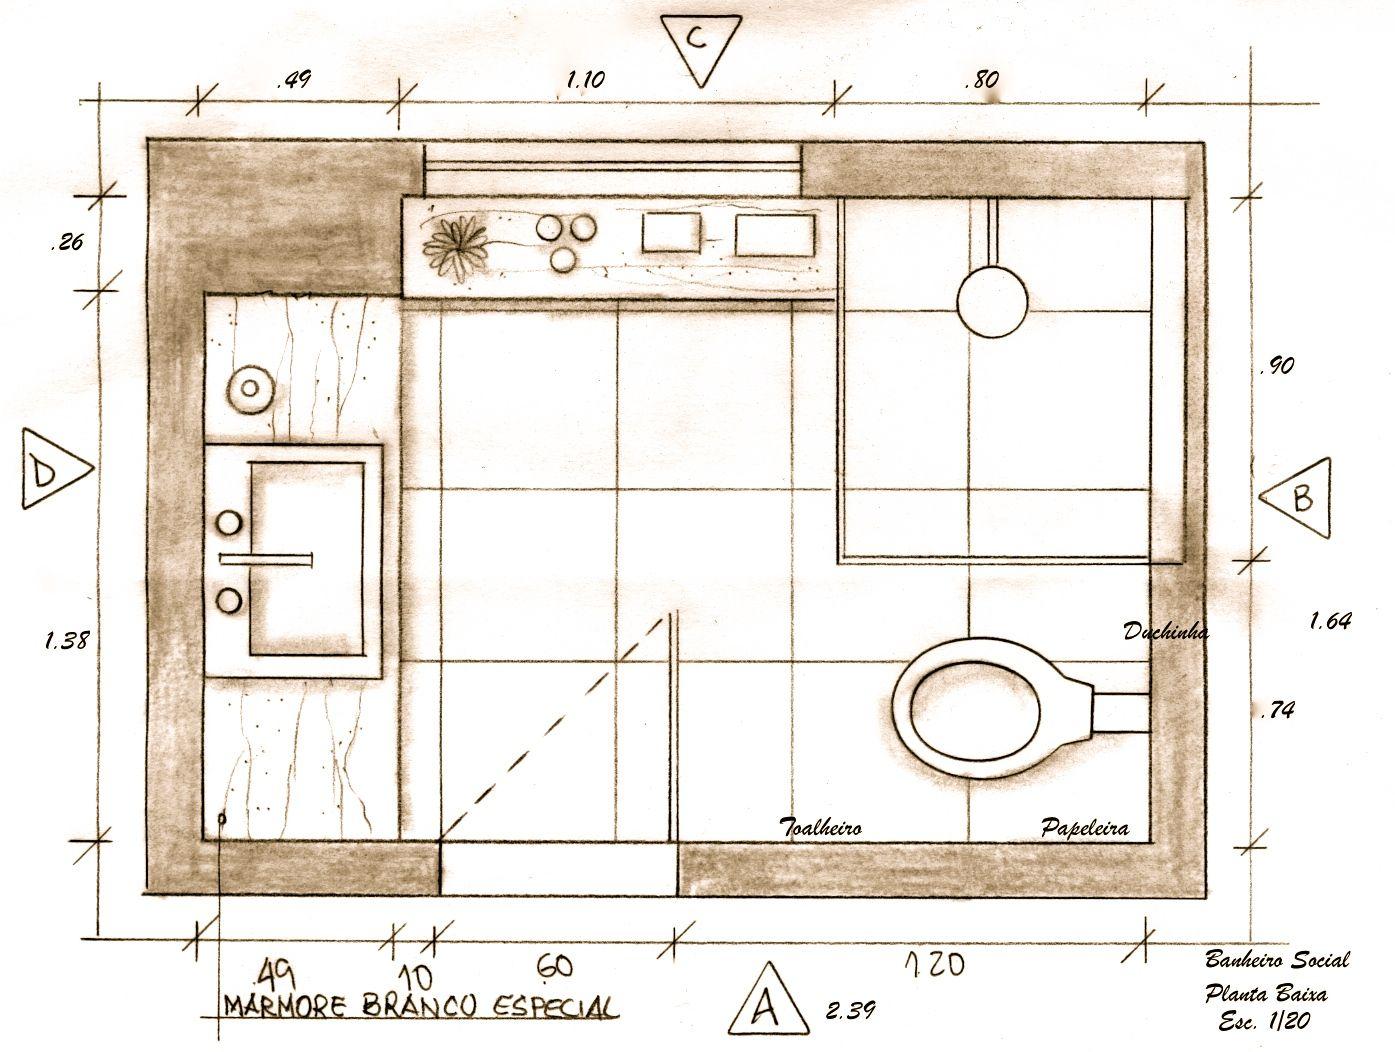 Medidas Banheiro Planta Baixa : Banheiro social planta baixa projeto ana lucia nunes